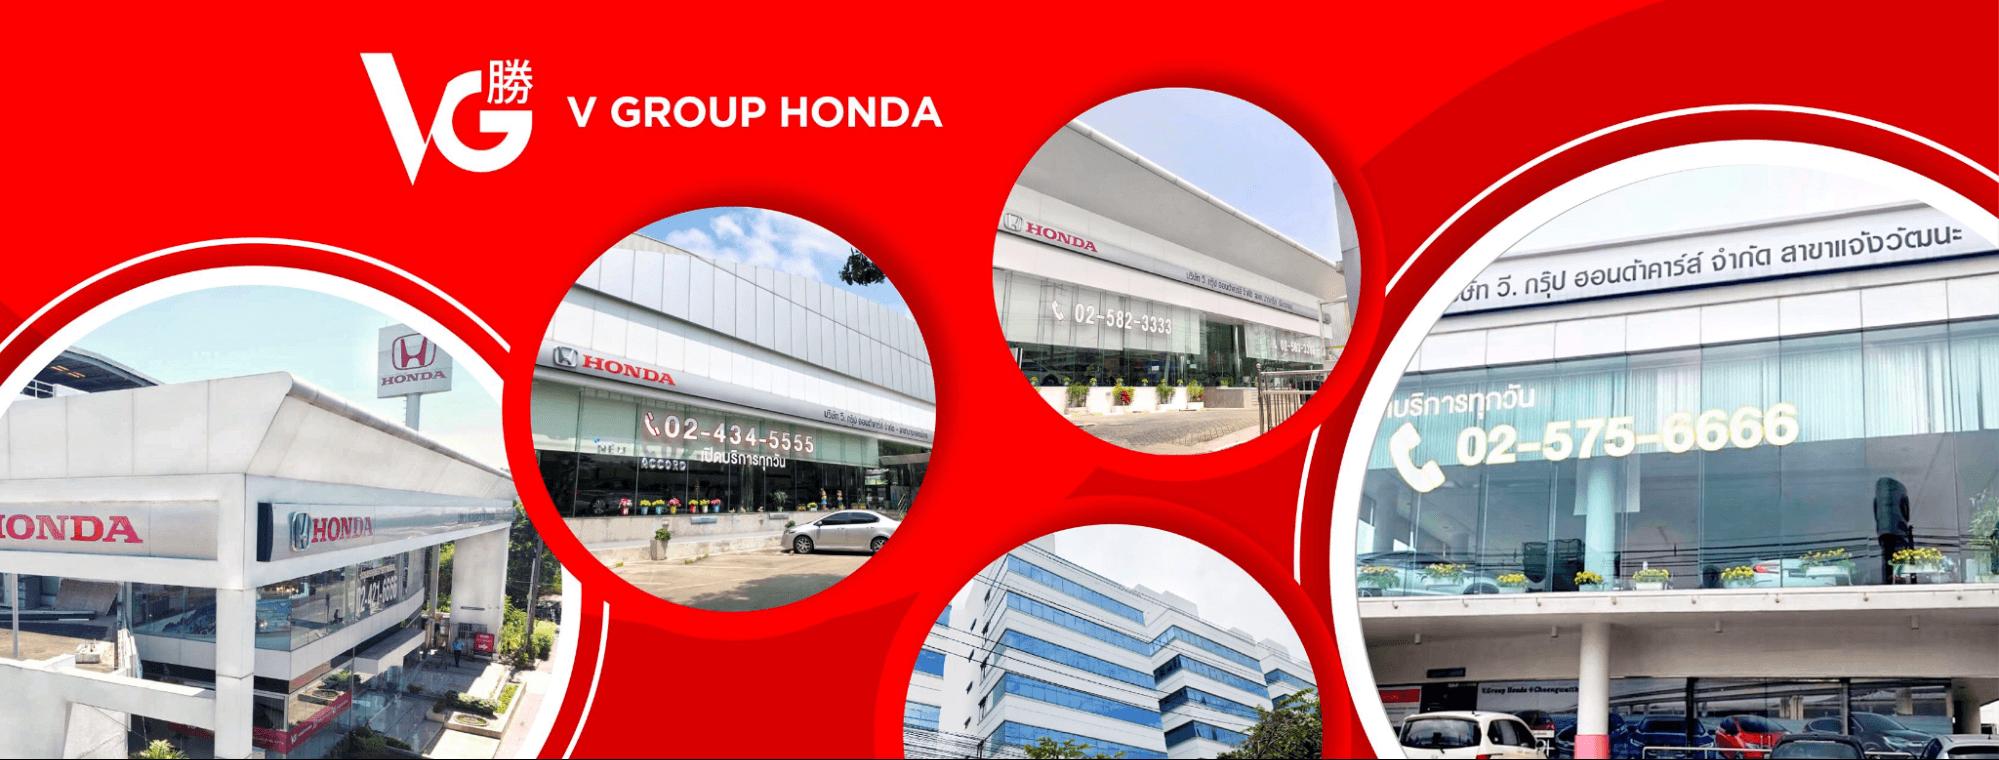 รู้จักกับ V group Honda ดีลเลอร์ฮอนด้า ยอดนิยมอันดับ 1